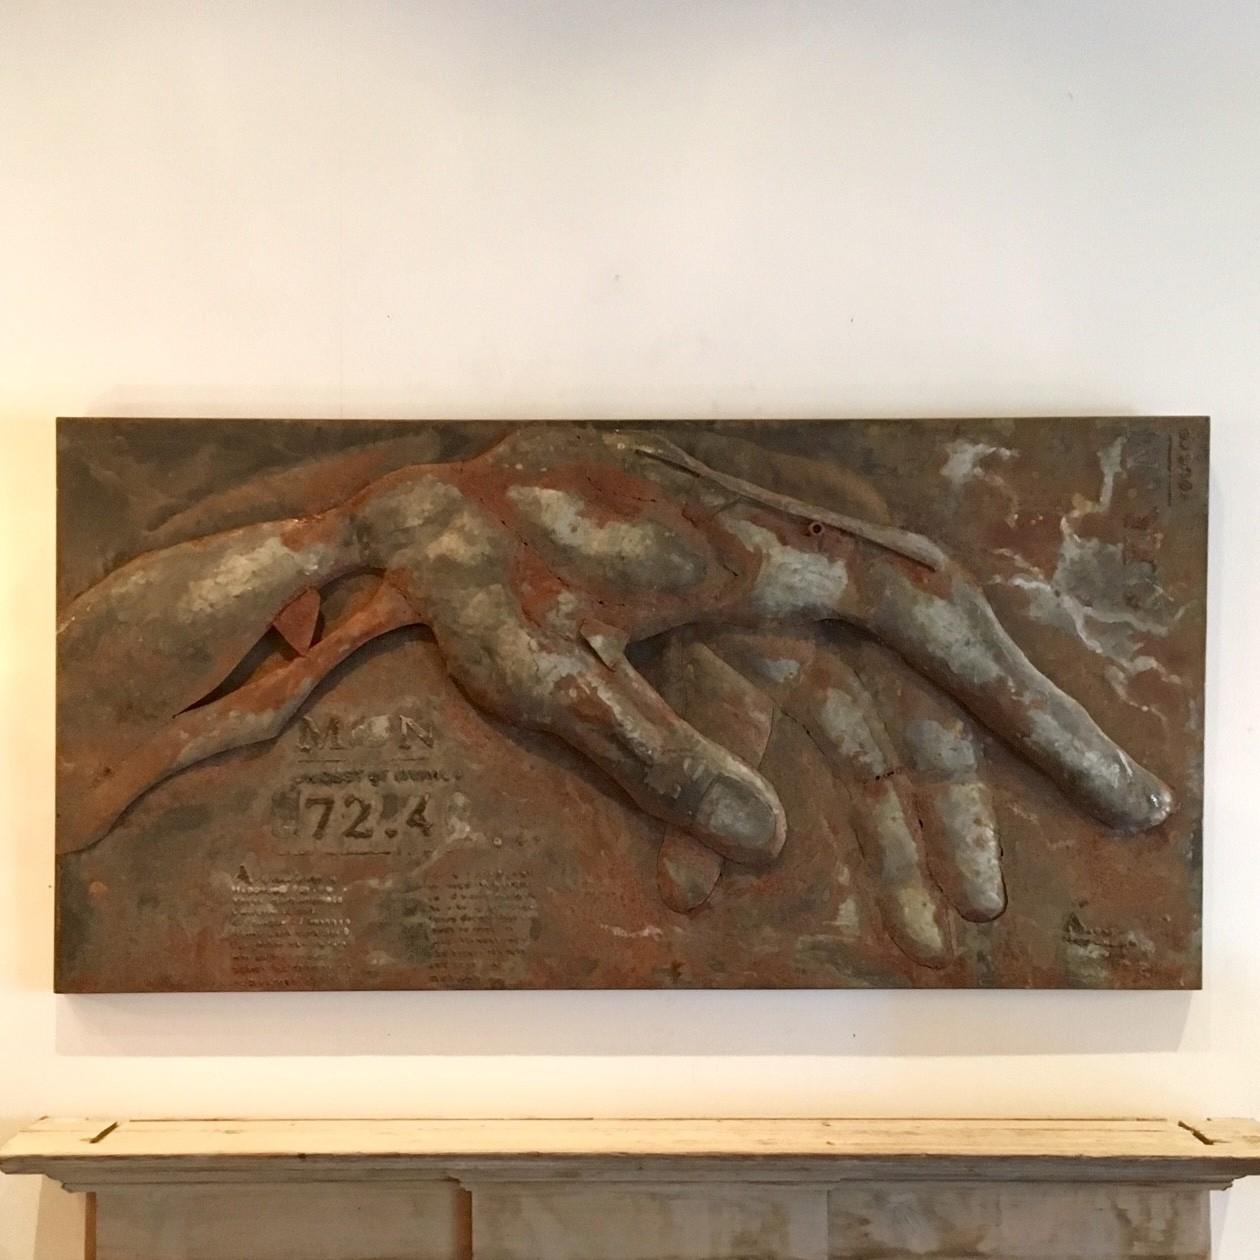 Rostige Wandskulptur einer Hand